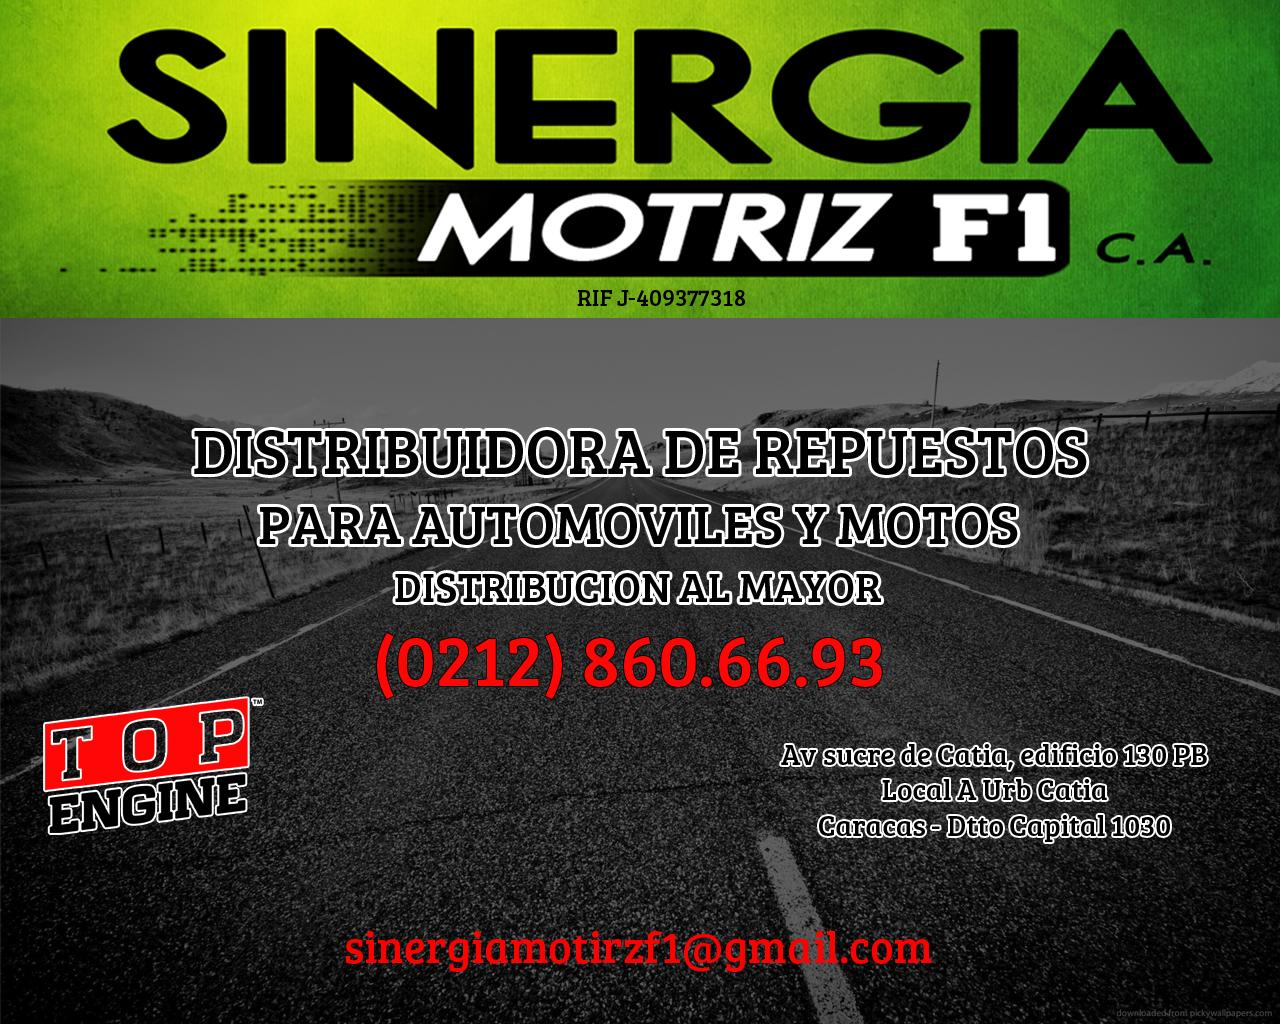 SINERGIA MOTRIZ F1 C.A en Paginas Amarillas tu guia Comercial